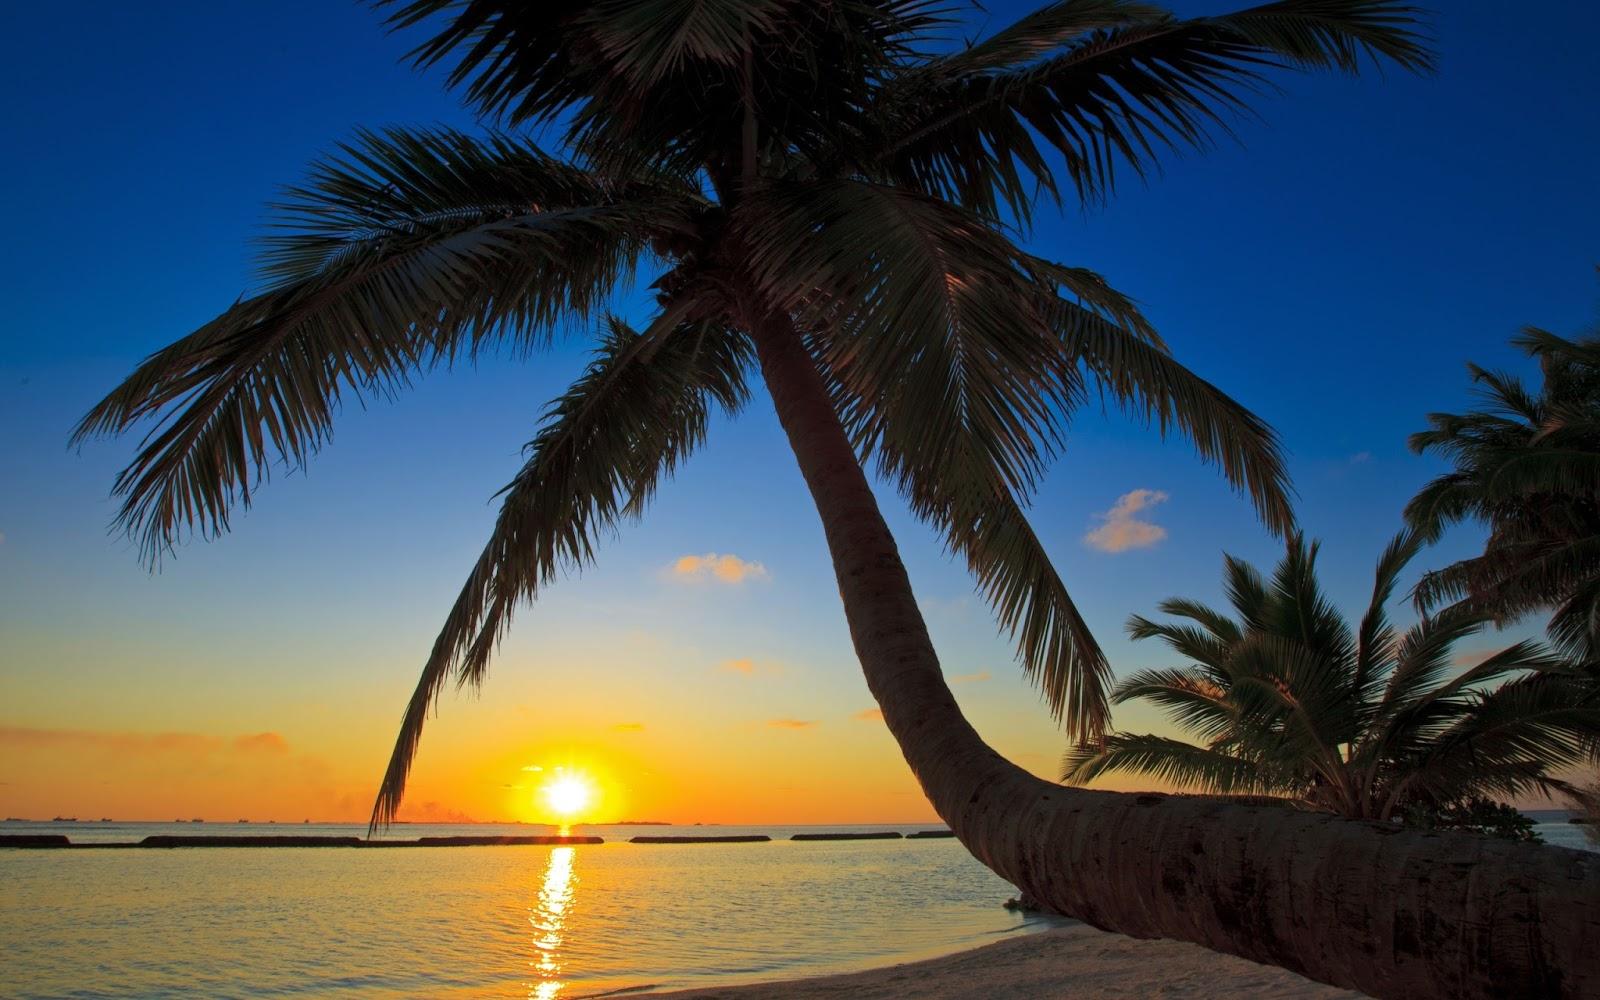 gambar matahari terbit